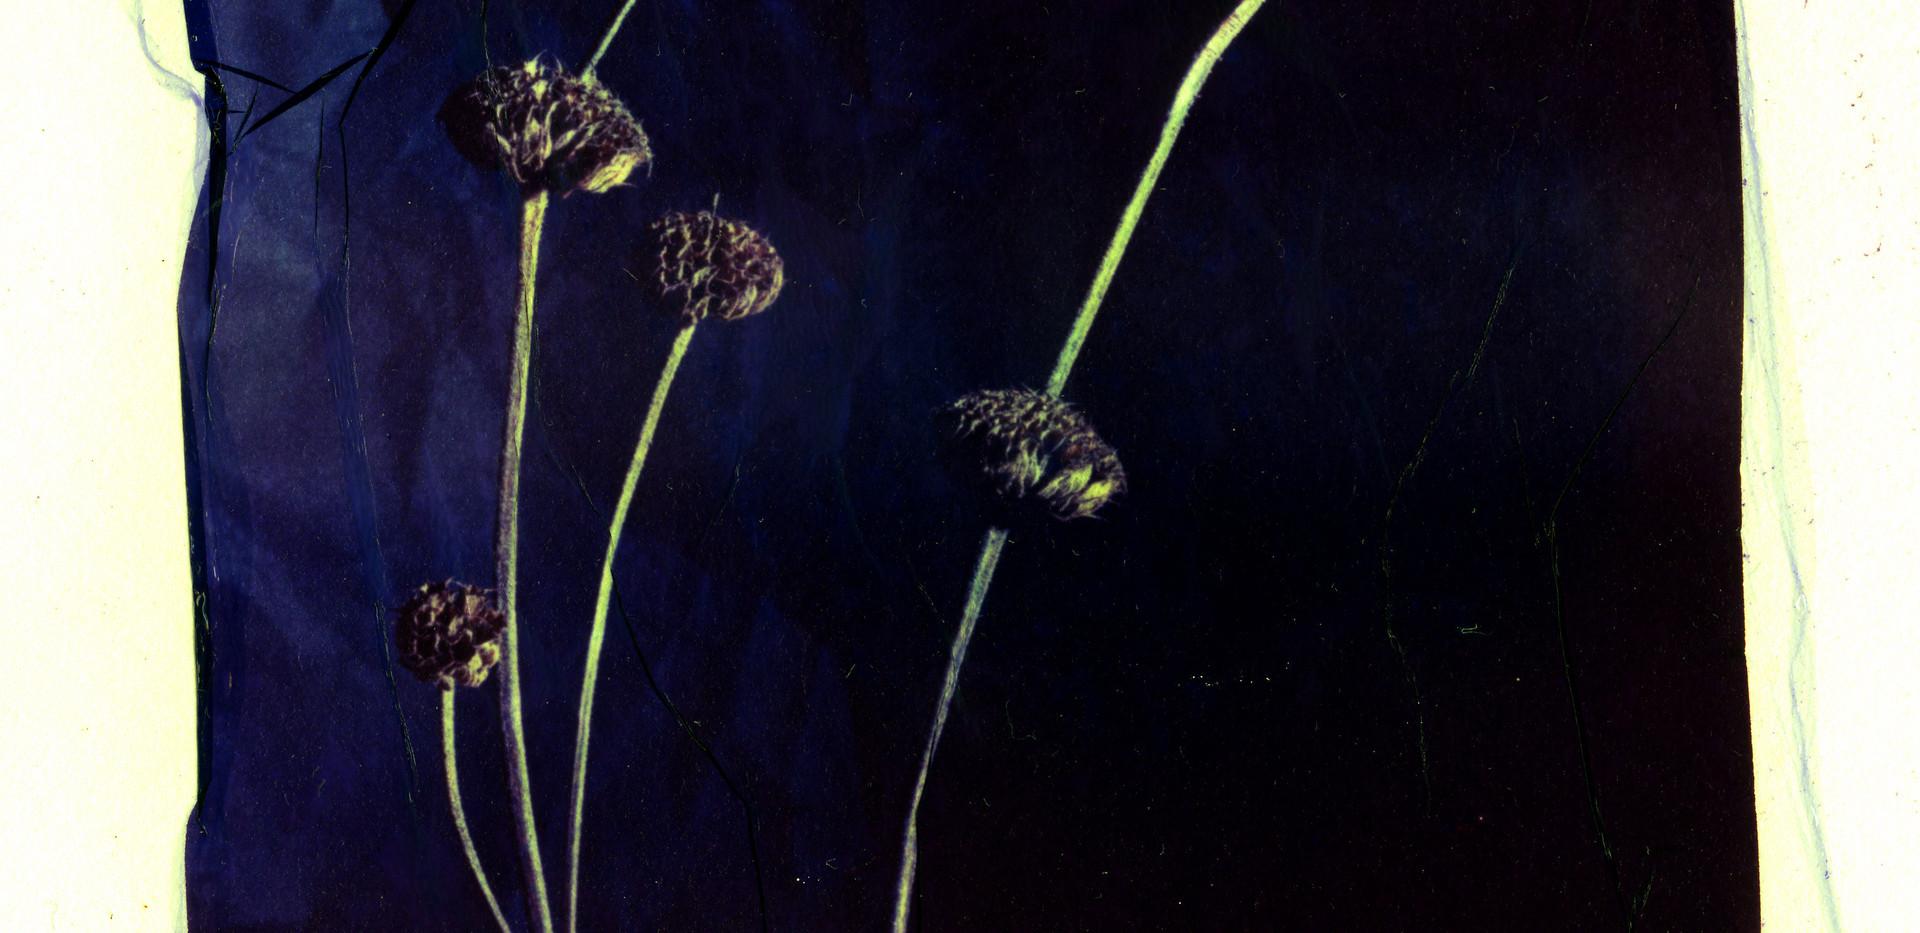 Polrd Lift - Weed001.jpg